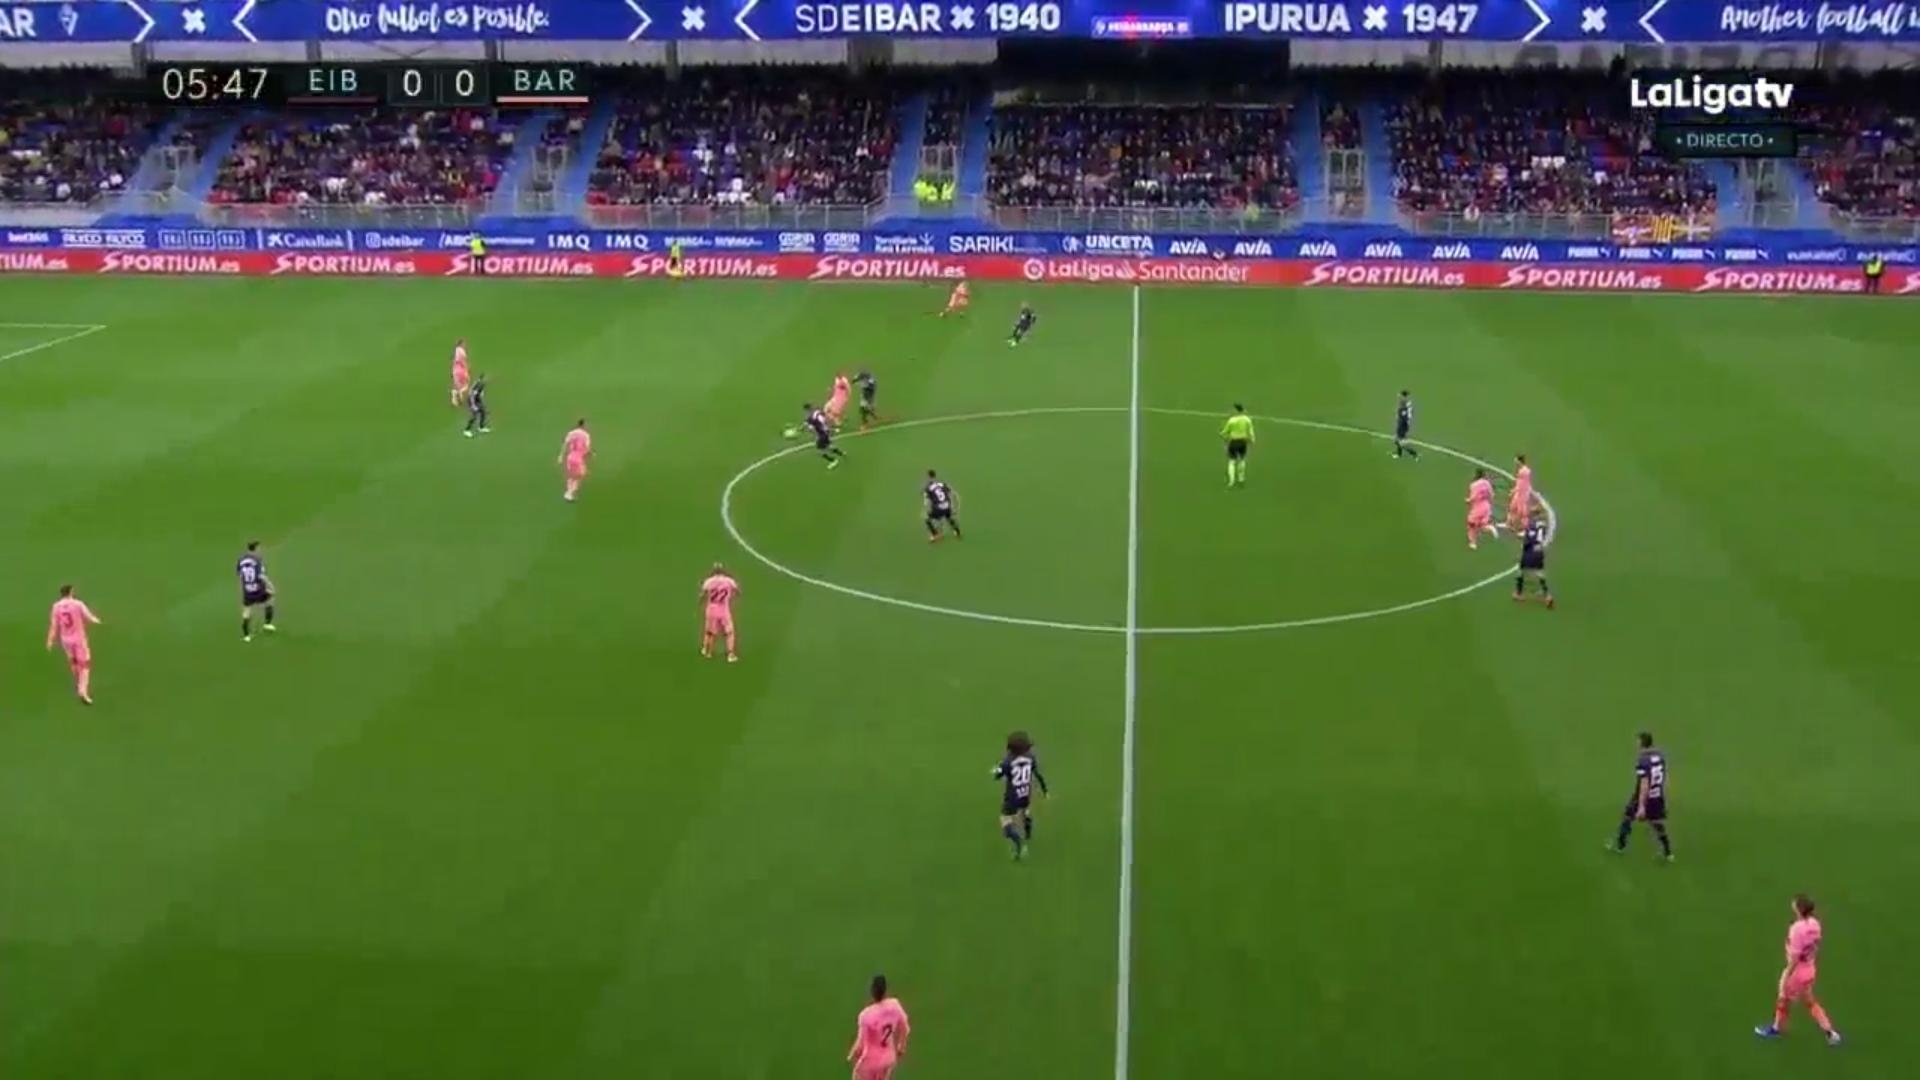 19-05-2019 - Eibar 2-2 Barcelona